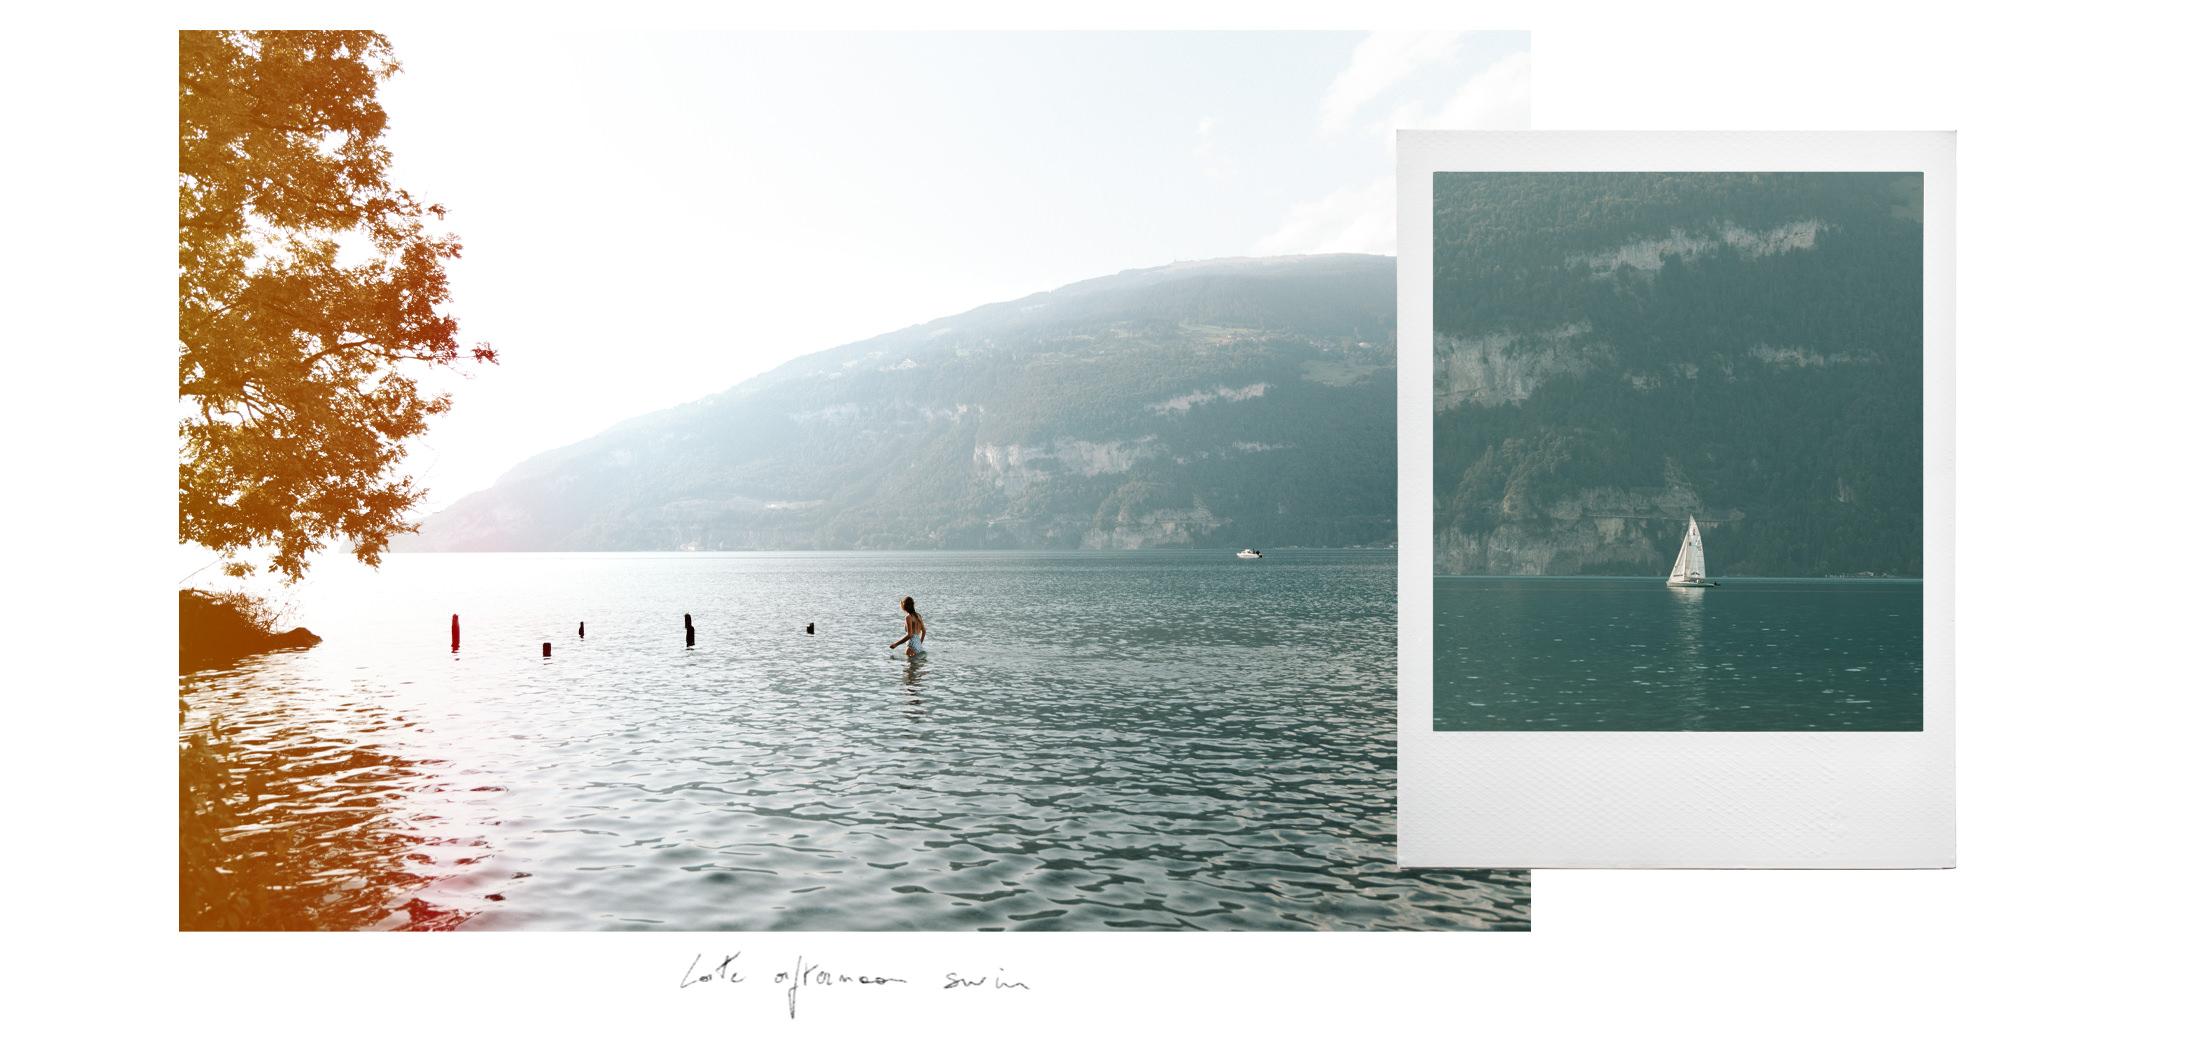 Swimming in the Thun lake